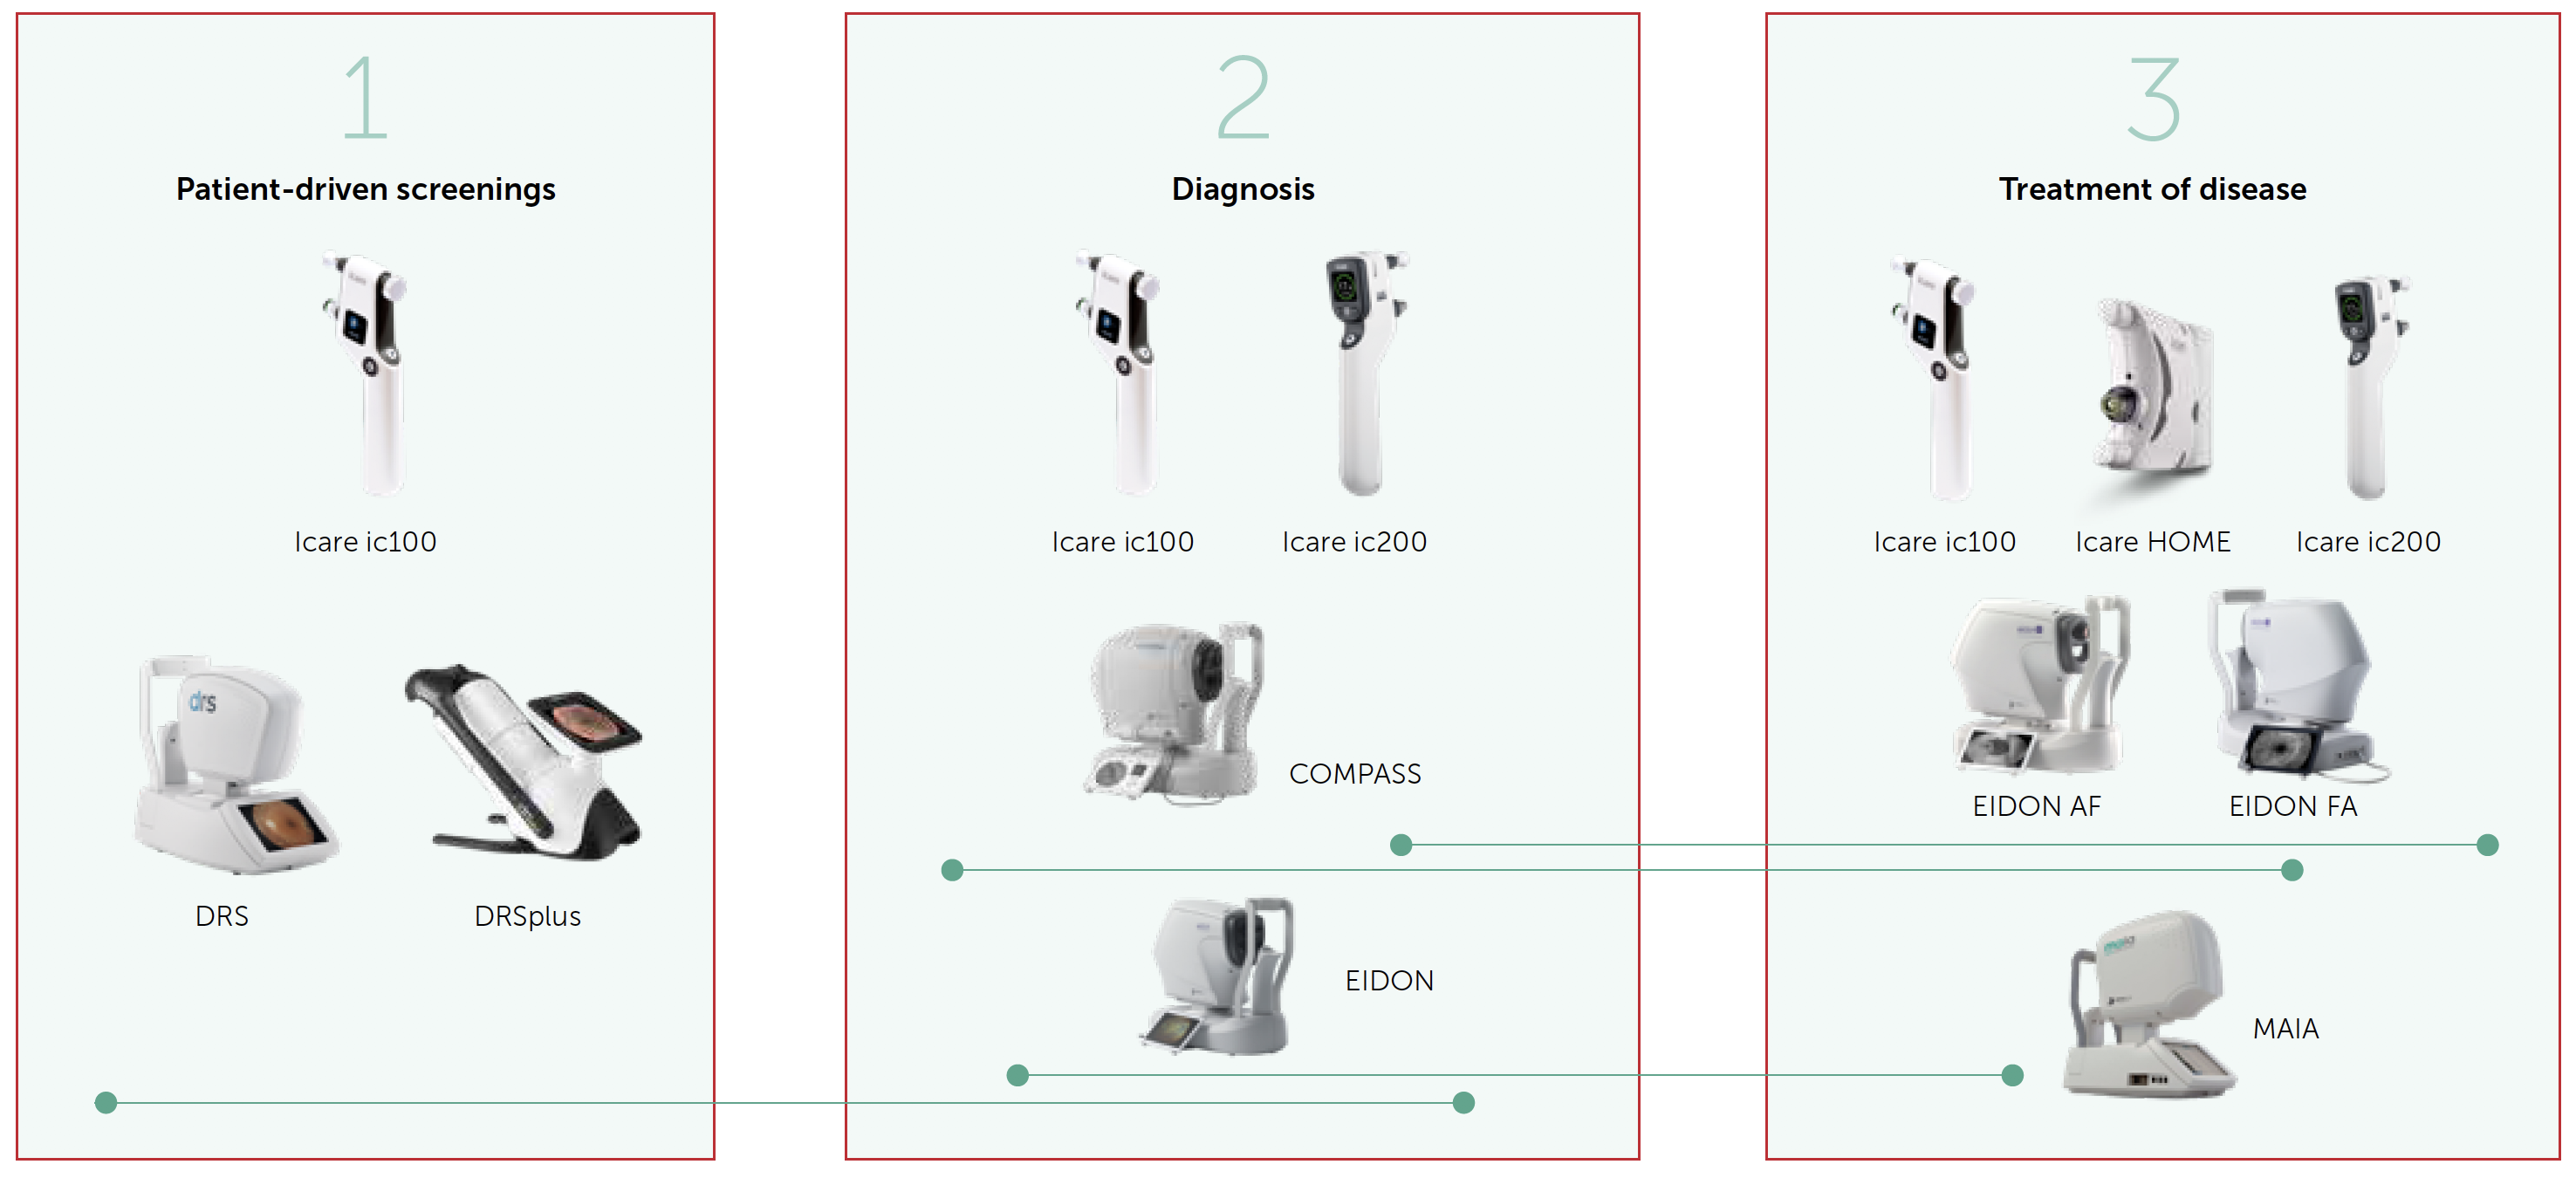 revenio-diagnostic-care-pathway